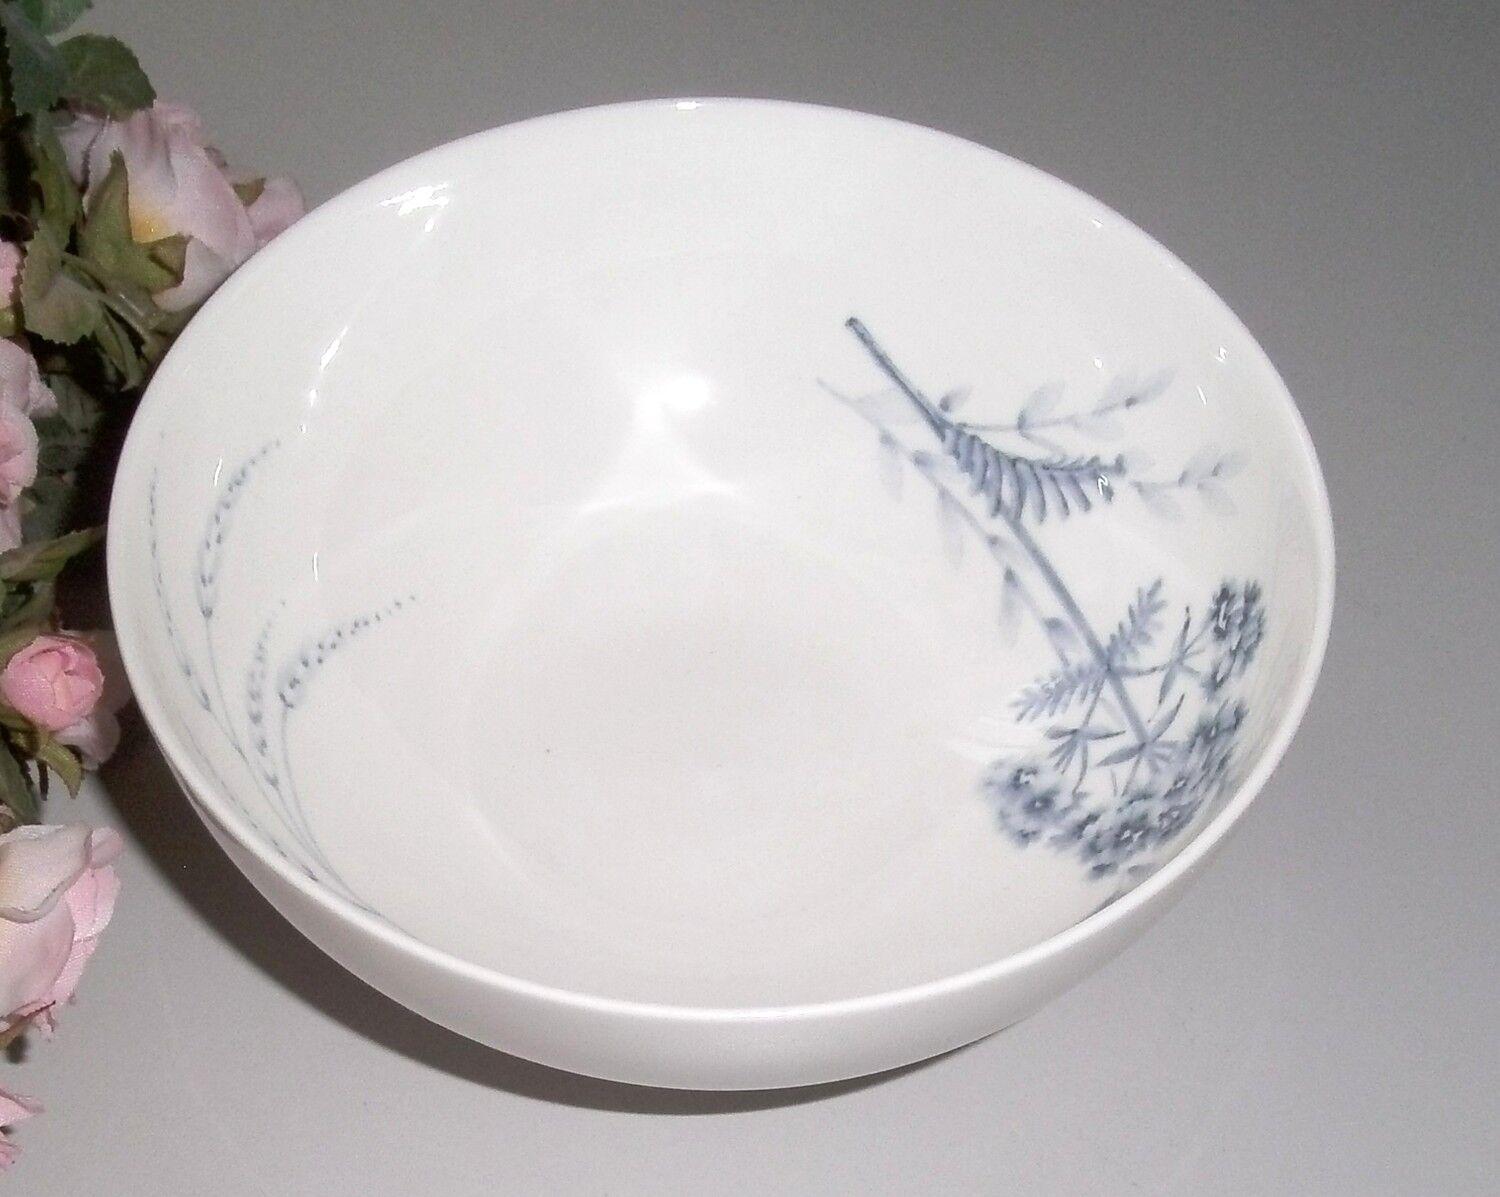 6er Set VILLEROY & BOCH bleu Meadow Dessert coupelle env. 13 cm NEUF v&b